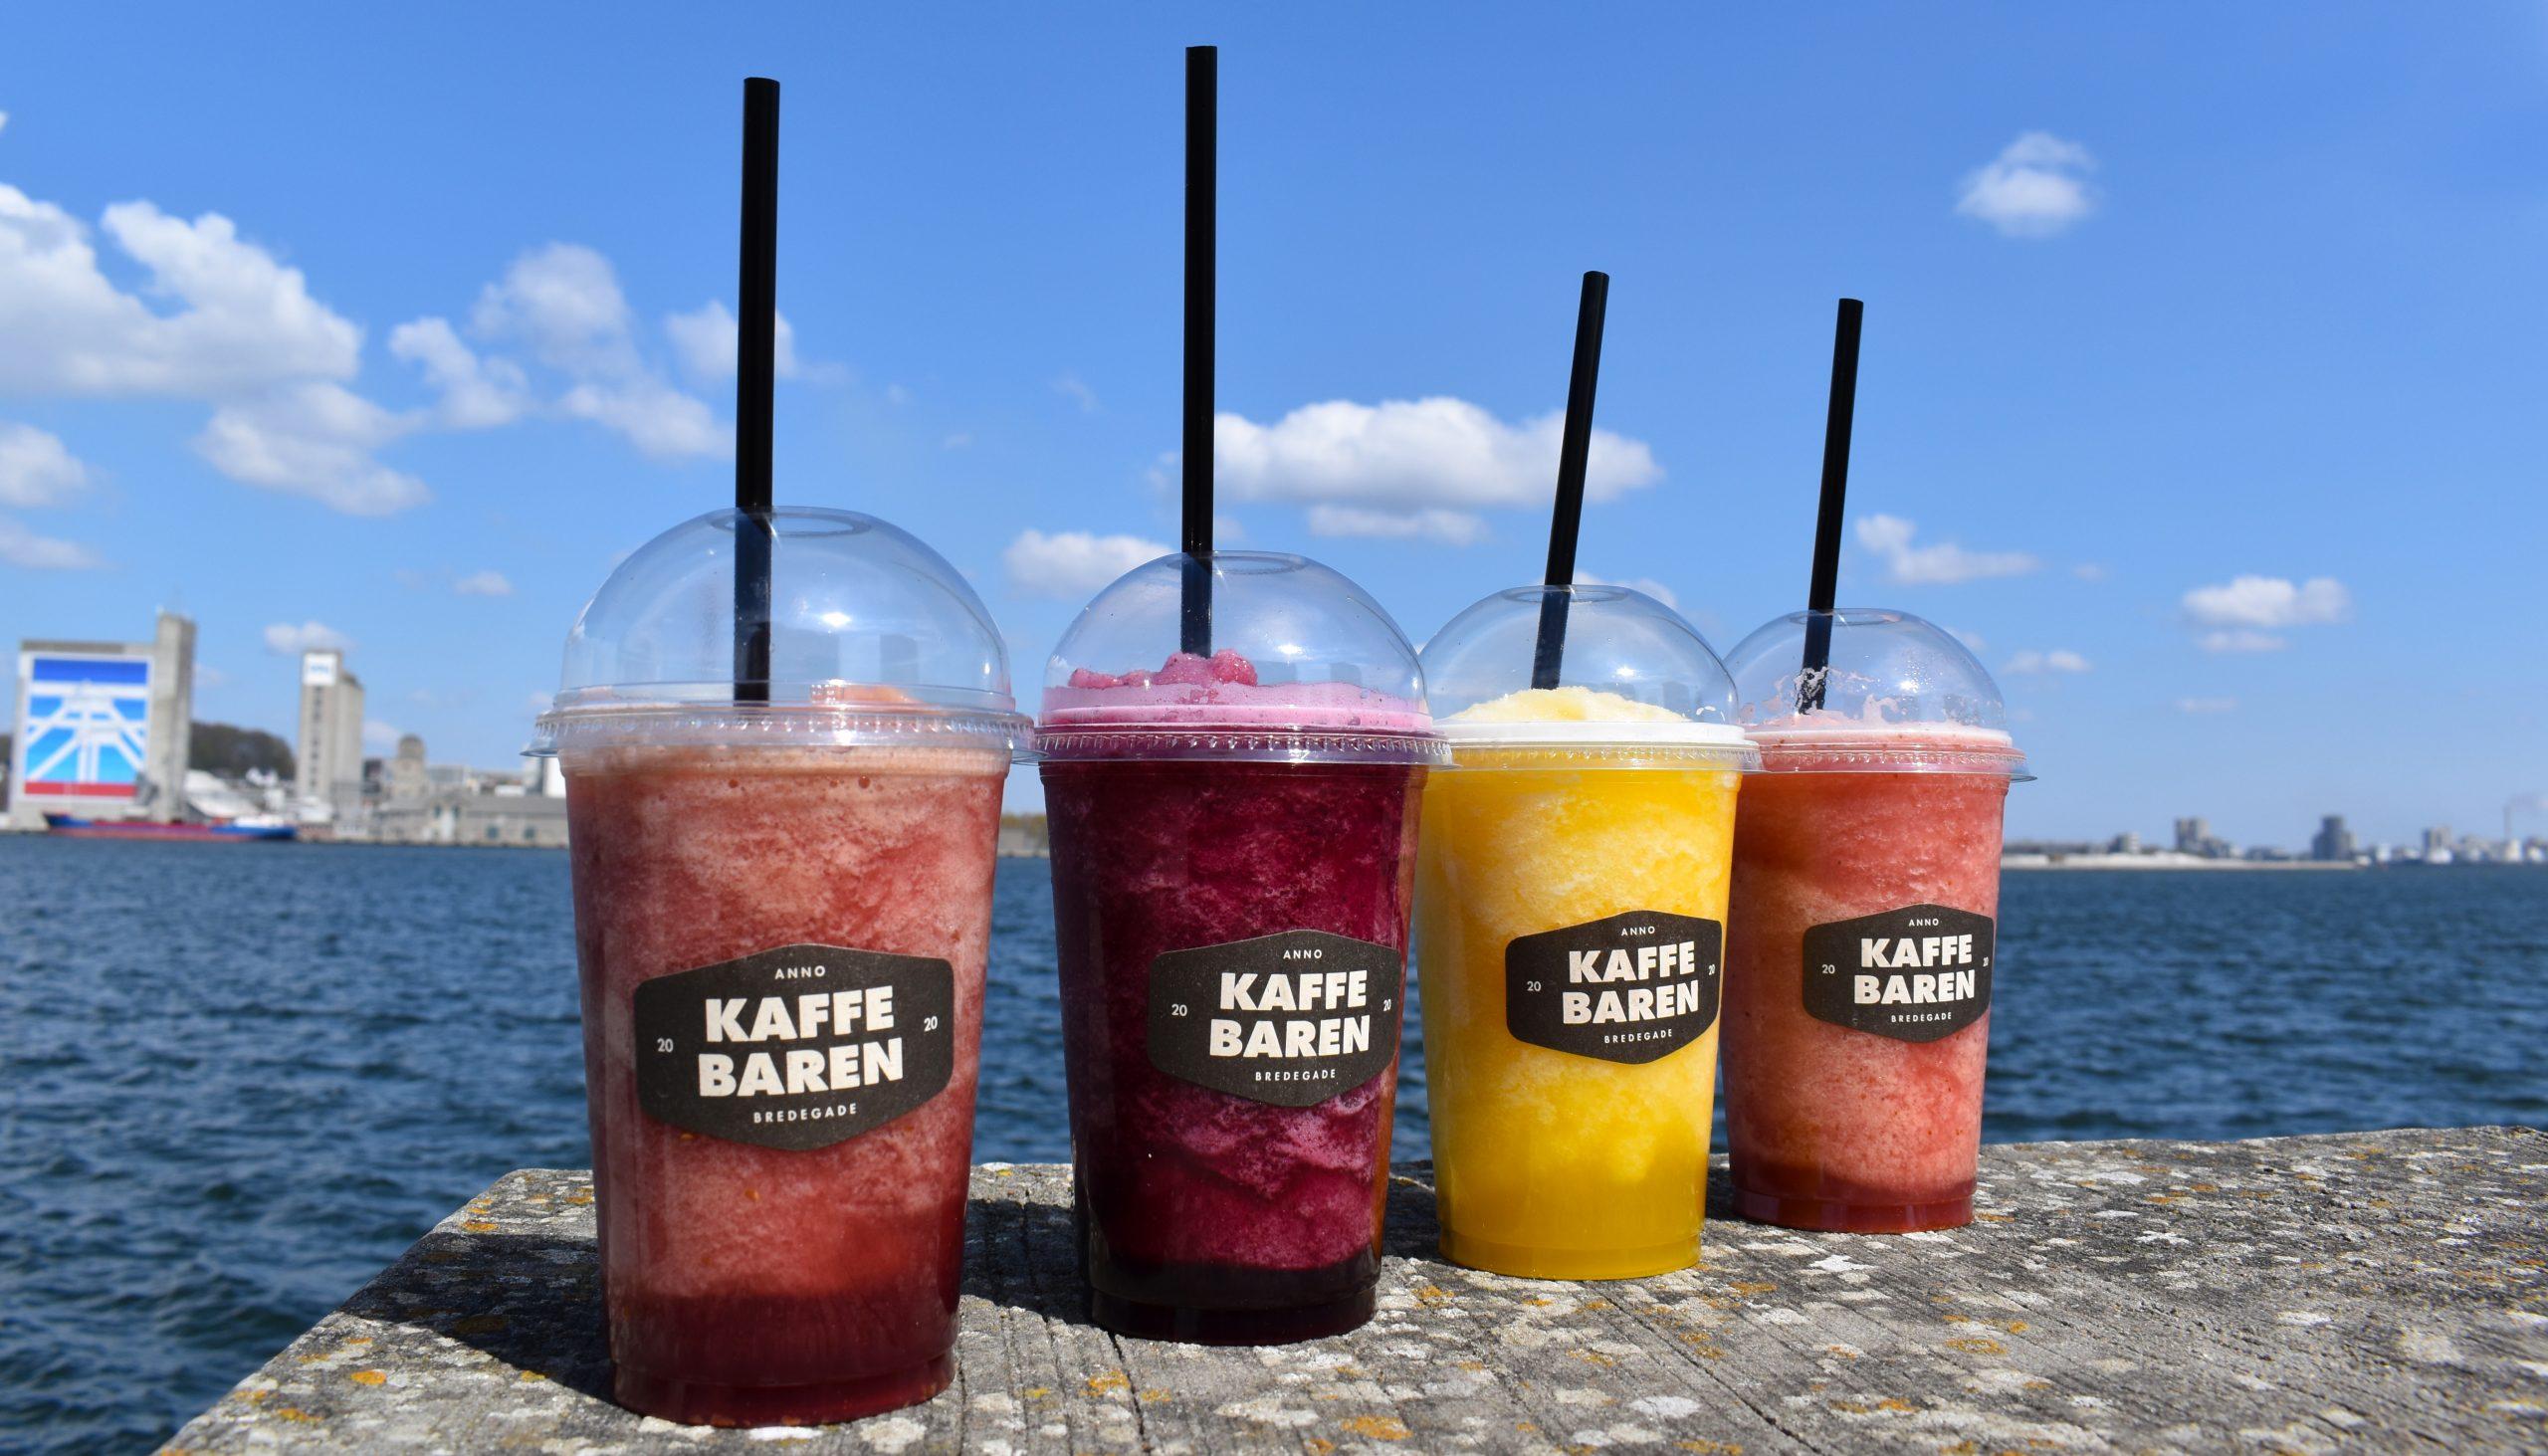 Først til mølle: Prøv de nye Fruity Ice Blends fra Kaffebaren til kun 15 kr.